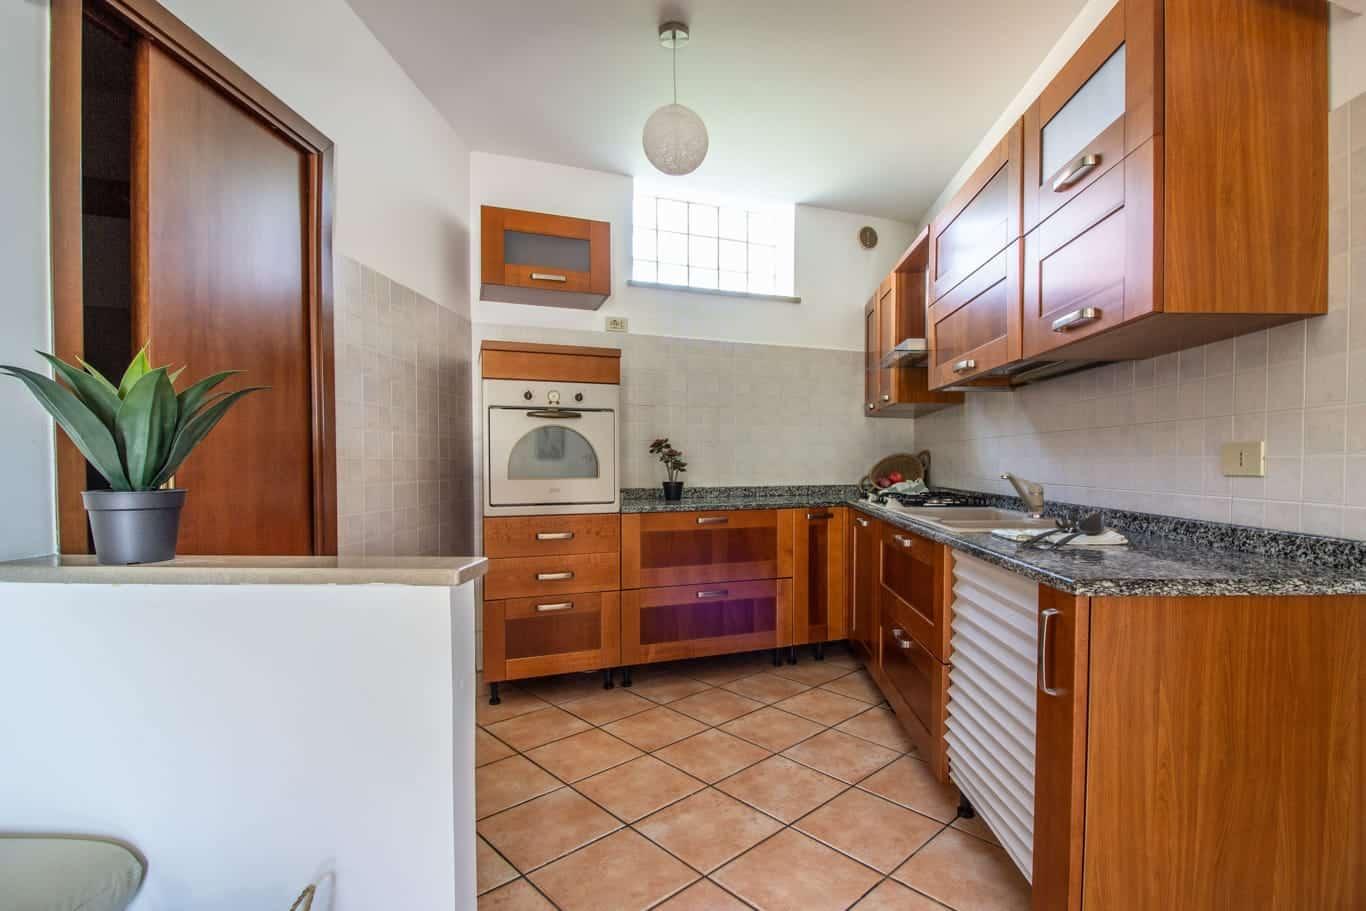 homelead-immobiliare-appartamento-zoppola (6 of 8)